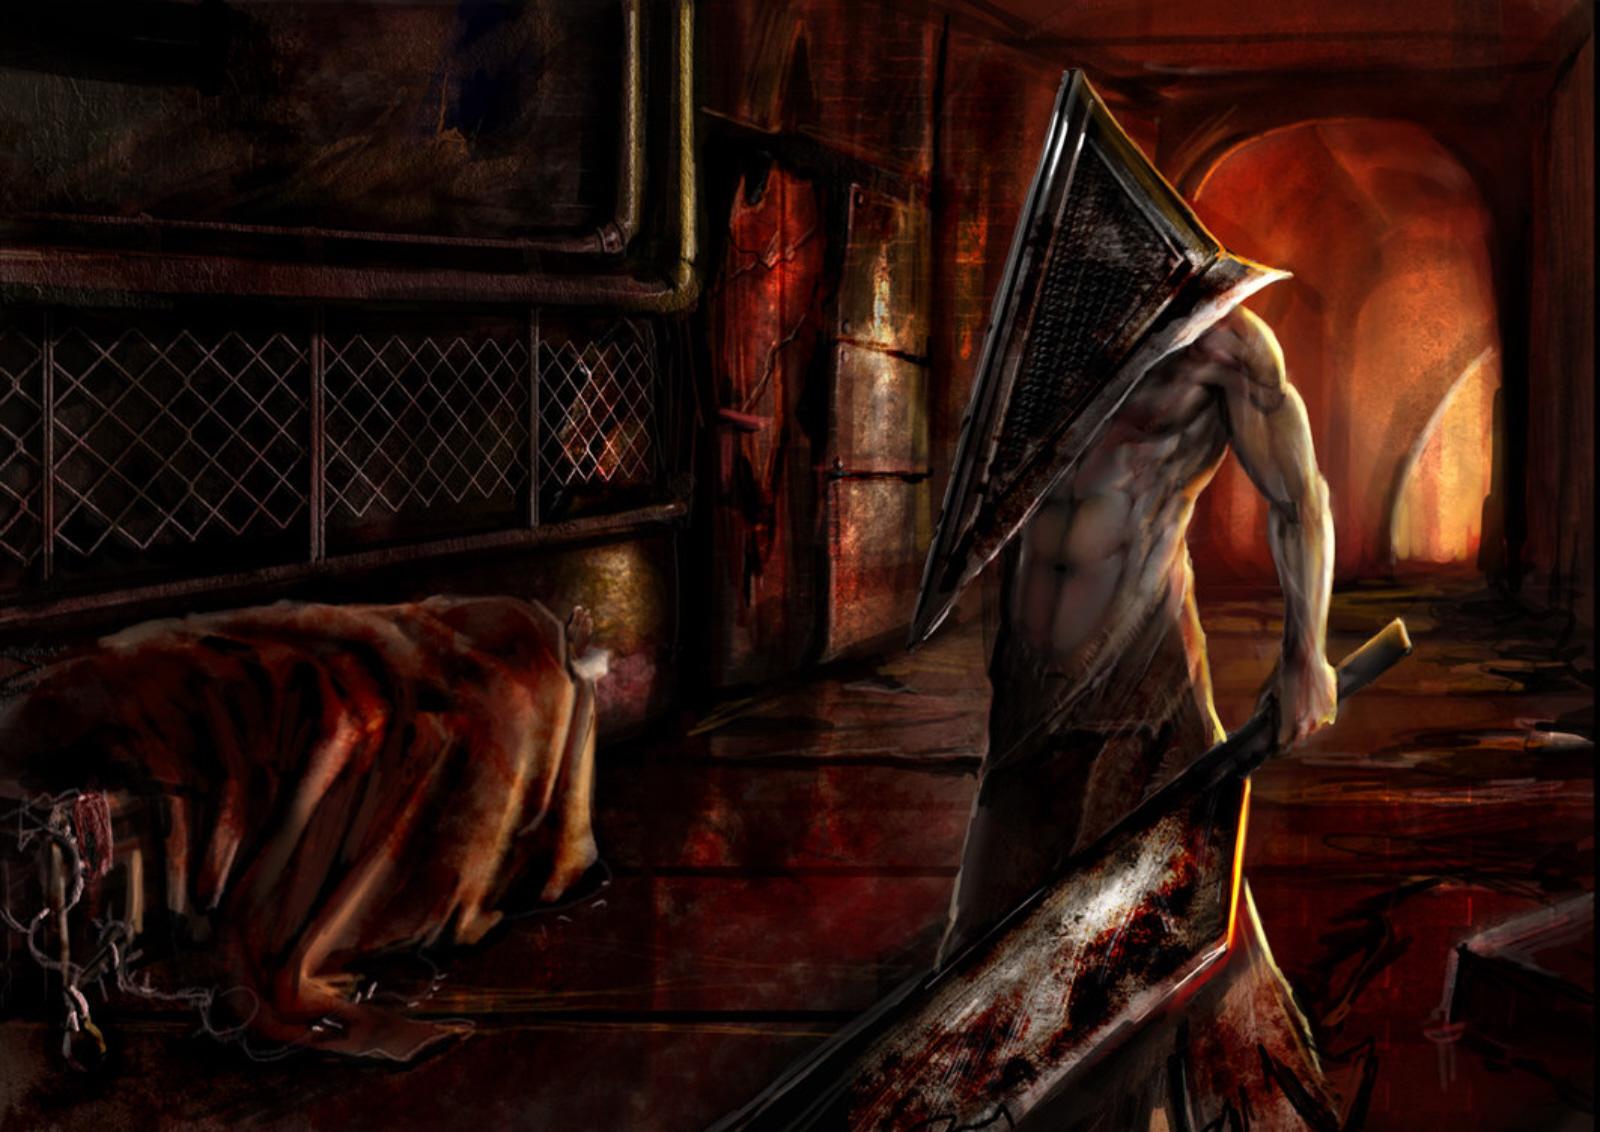 Silent Hill - Deep Valley